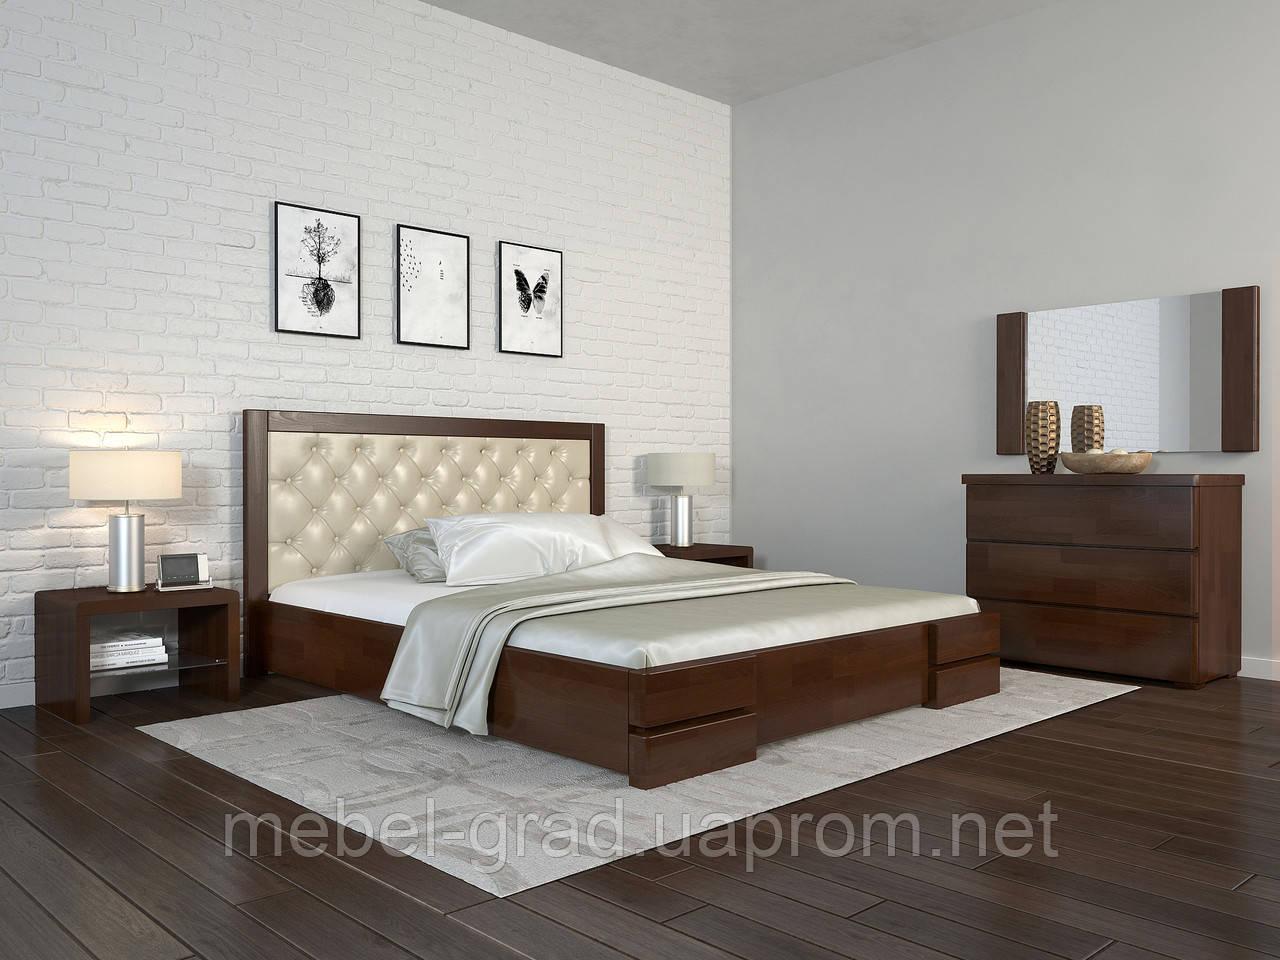 Кровать с механизмом Arbordrev Регина люкс ромбы (180*200) сосна